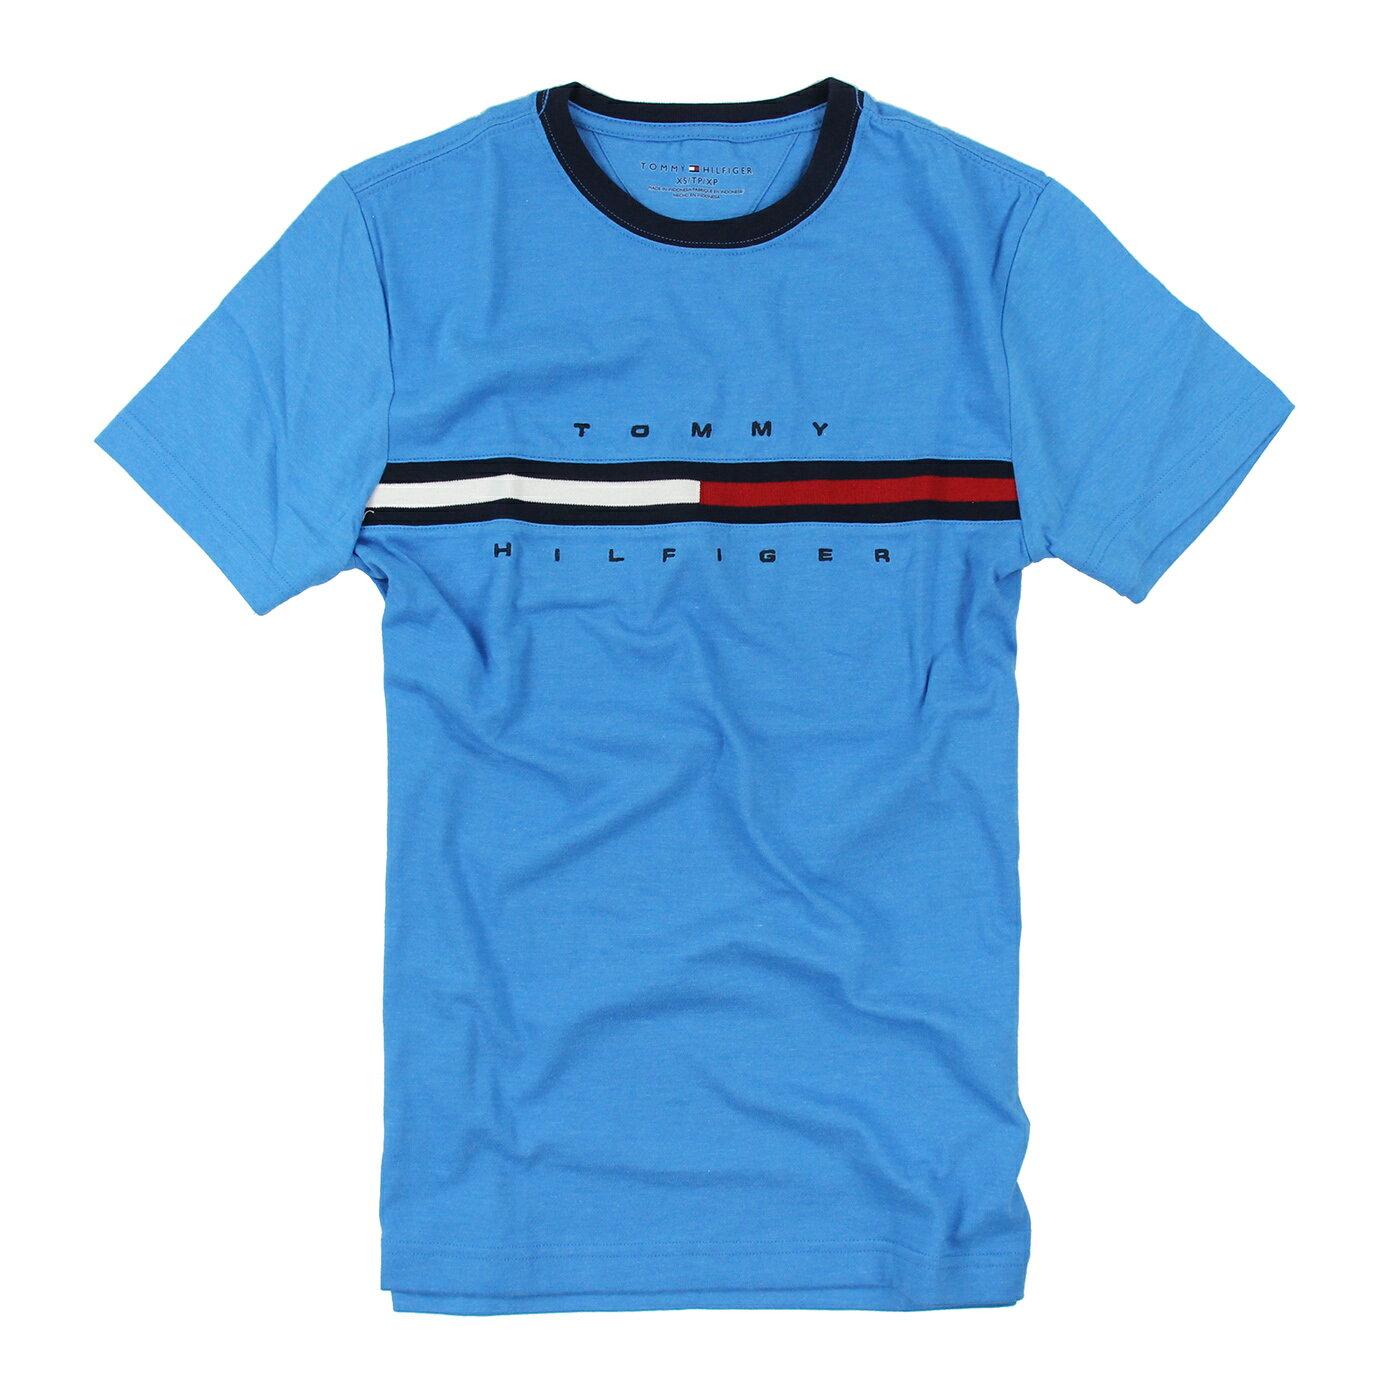 美國百分百【Tommy Hilfiger】T恤 TH 男 Logo 圖案 短袖 上衣 T-Shirt 天空藍 XS號 A794